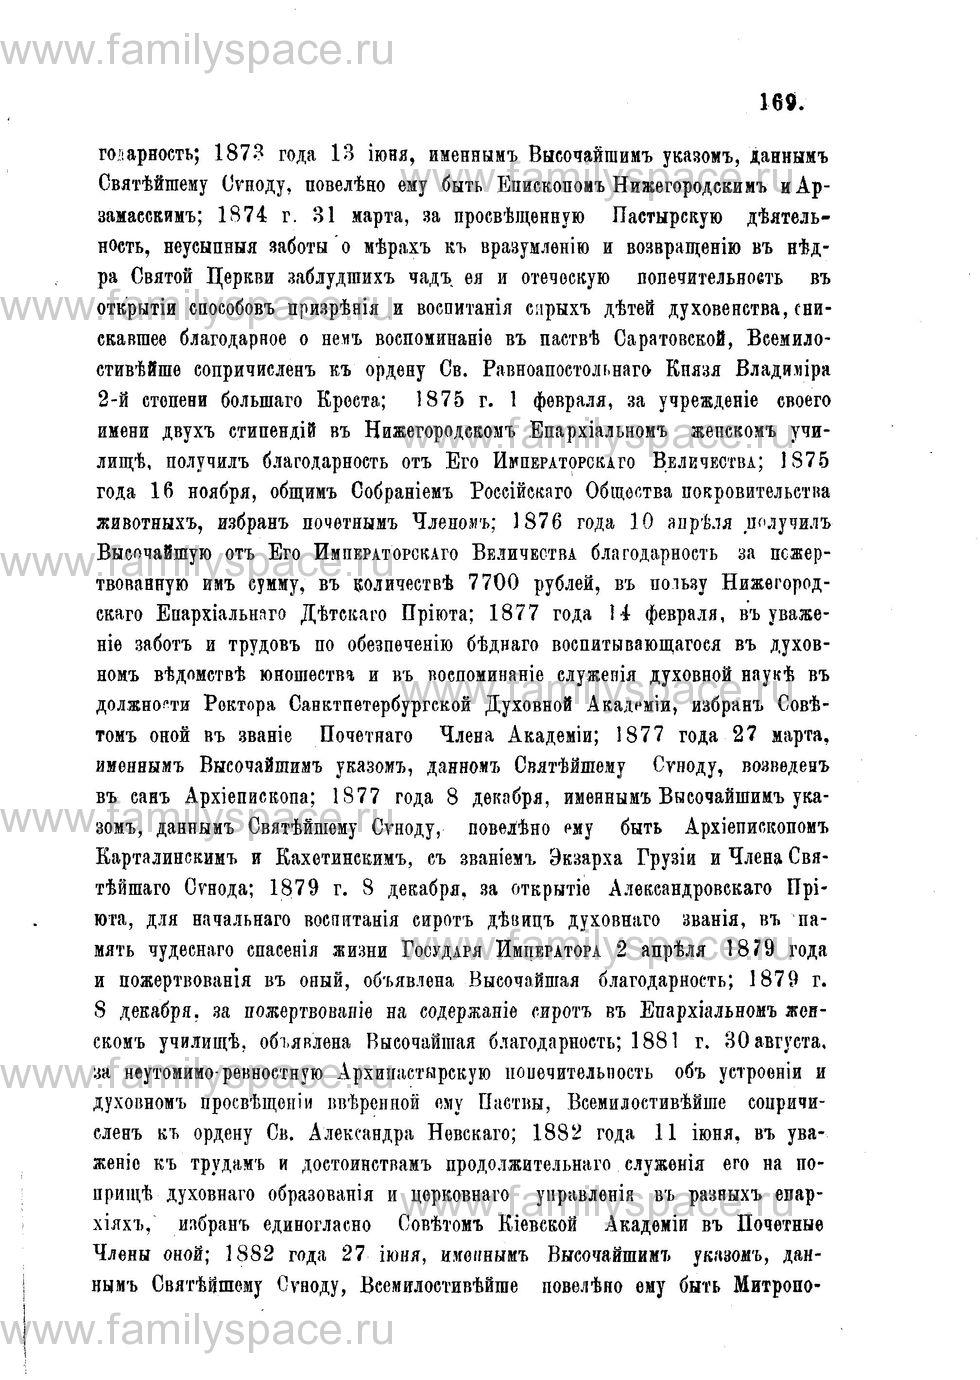 Поиск по фамилии - Адрес-календарь Нижегородской епархии на 1888 год, страница 1169